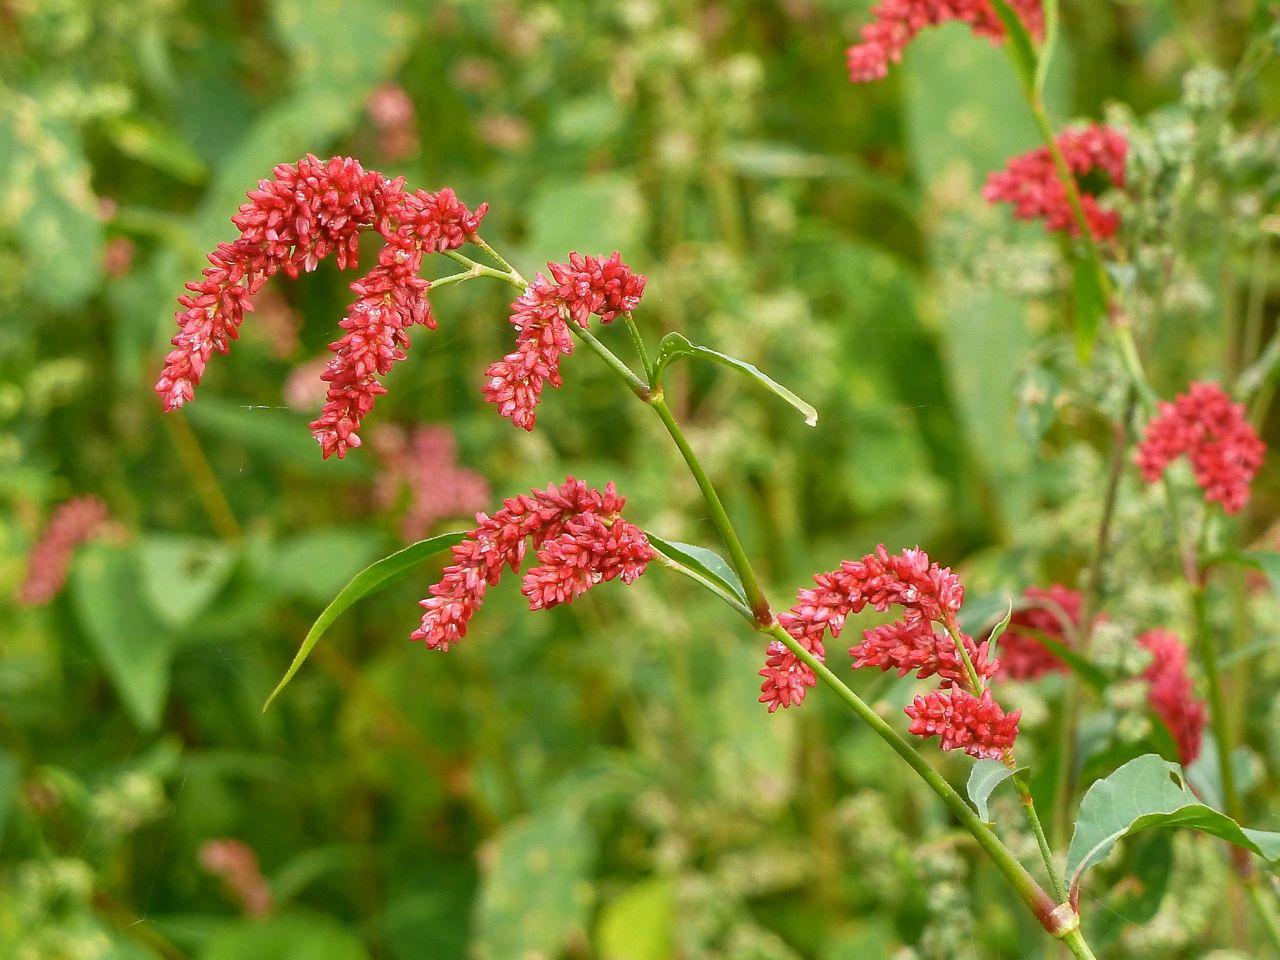 Горец развесистый (Persicaria lapathifolia). Автор фото: Сергей Апполонов